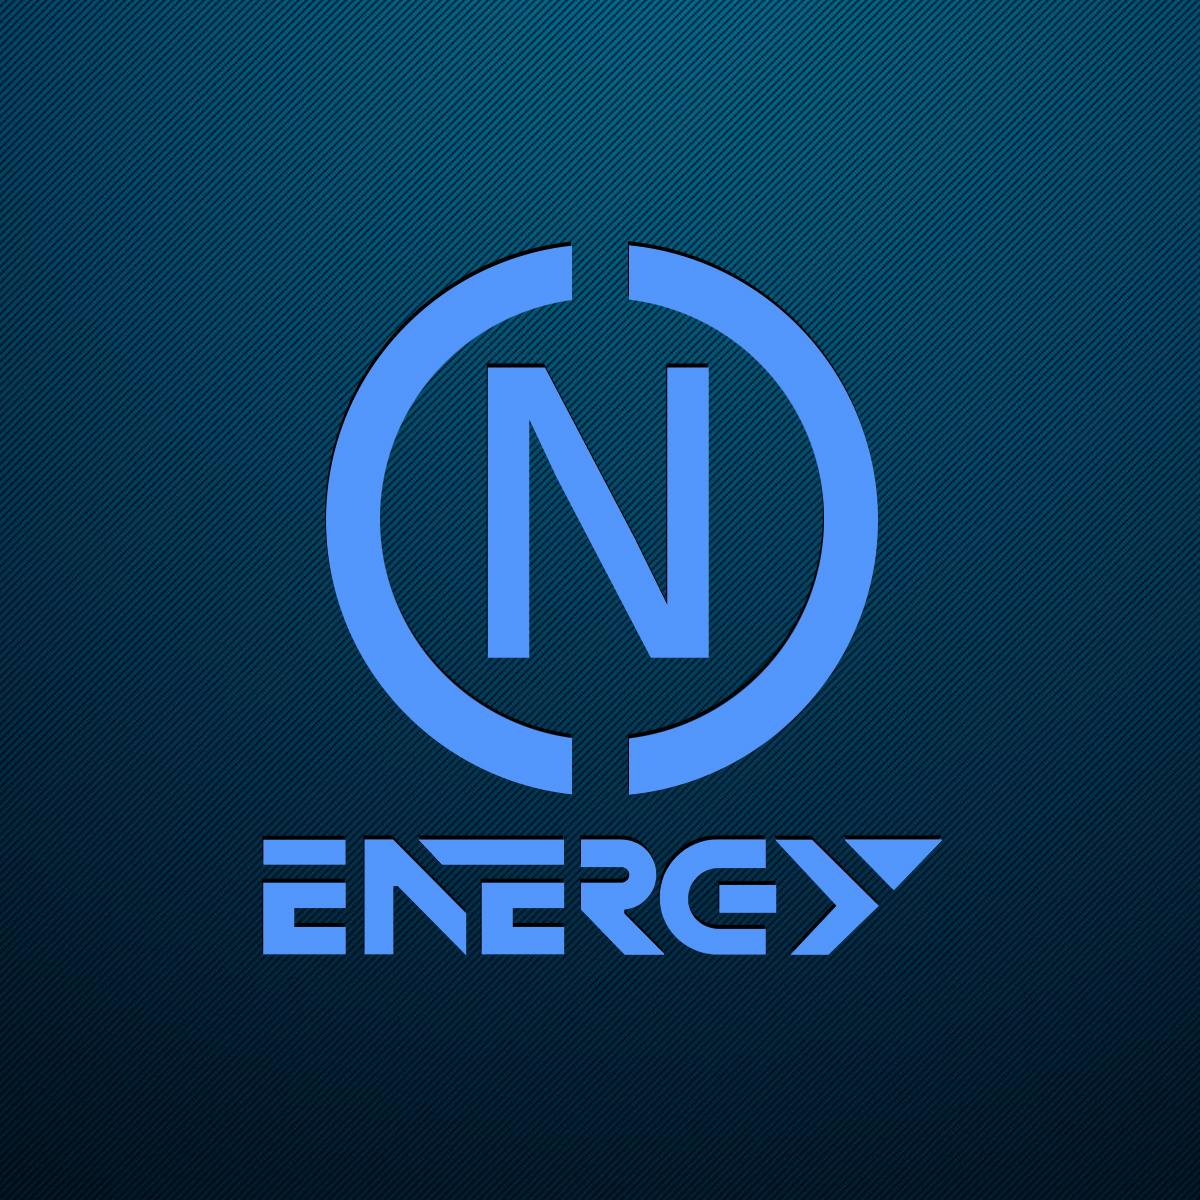 C'n'C energy